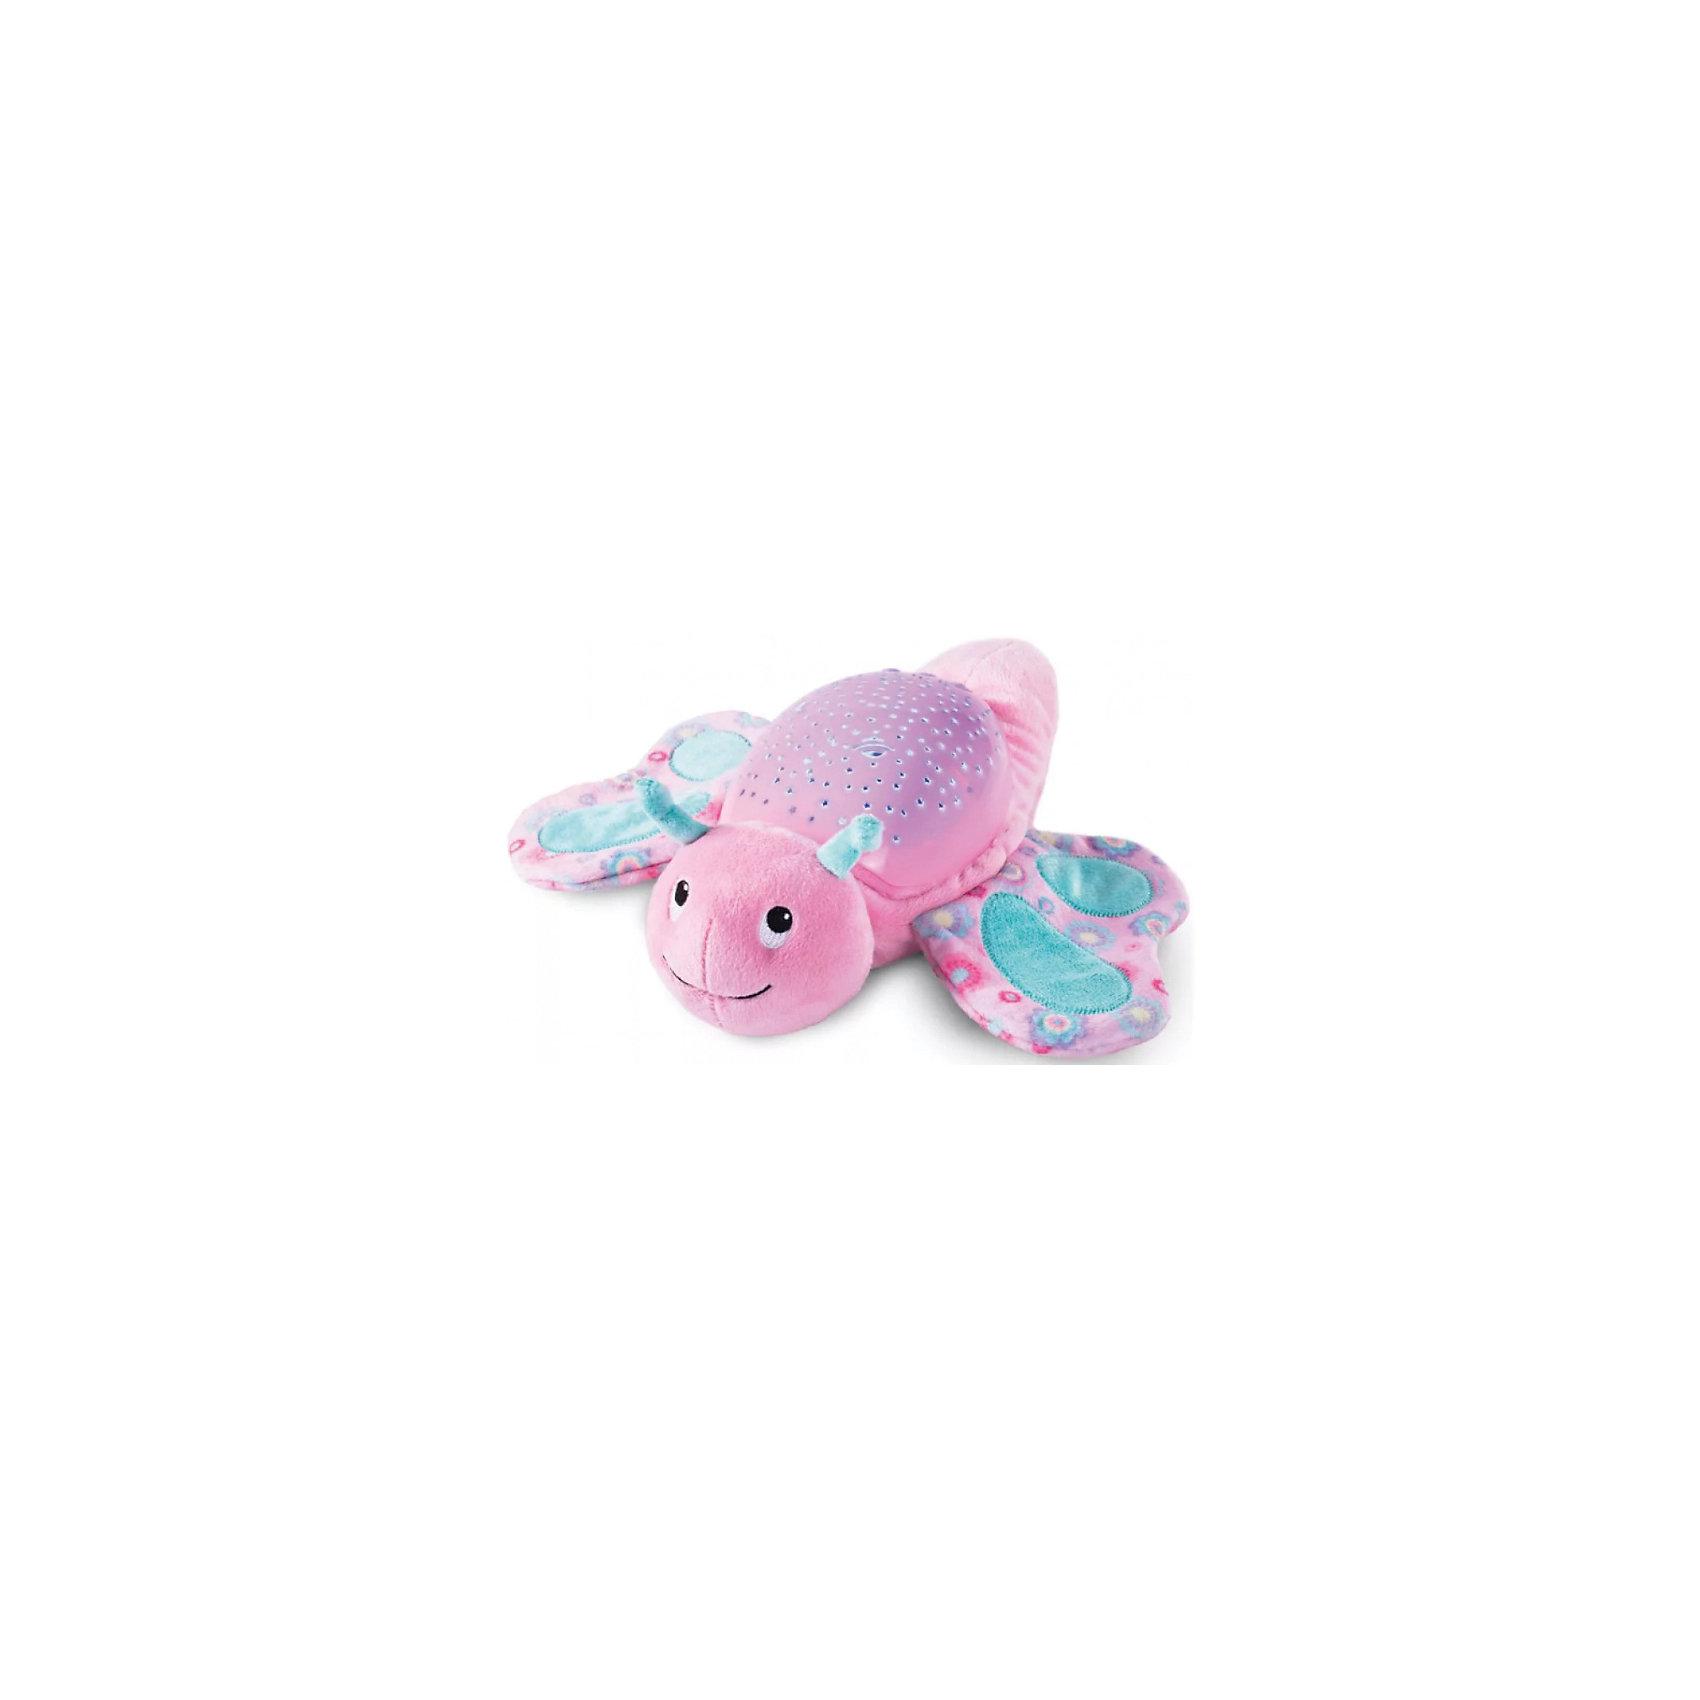 Светильник-проектор звездного неба  Bella the Butterfly, Summer InfantПоможет создать спокойную обстановку для вашего малыша перед сном. Этот прелестный ночник успокоит малыша при помощи нежной колыбельной мелодии и светящегося ночника в виде неба, полного звезд.<br><br>3 настройки цвета.<br>Автоматическое выключение через 15/30/45 минут.<br>Ночник с звездным небом.<br>3 колыбельные и 2 мелодии со звуками природы.<br><br>Ширина мм: 300<br>Глубина мм: 190<br>Высота мм: 200<br>Вес г: 530<br>Возраст от месяцев: 0<br>Возраст до месяцев: 216<br>Пол: Женский<br>Возраст: Детский<br>SKU: 5508011